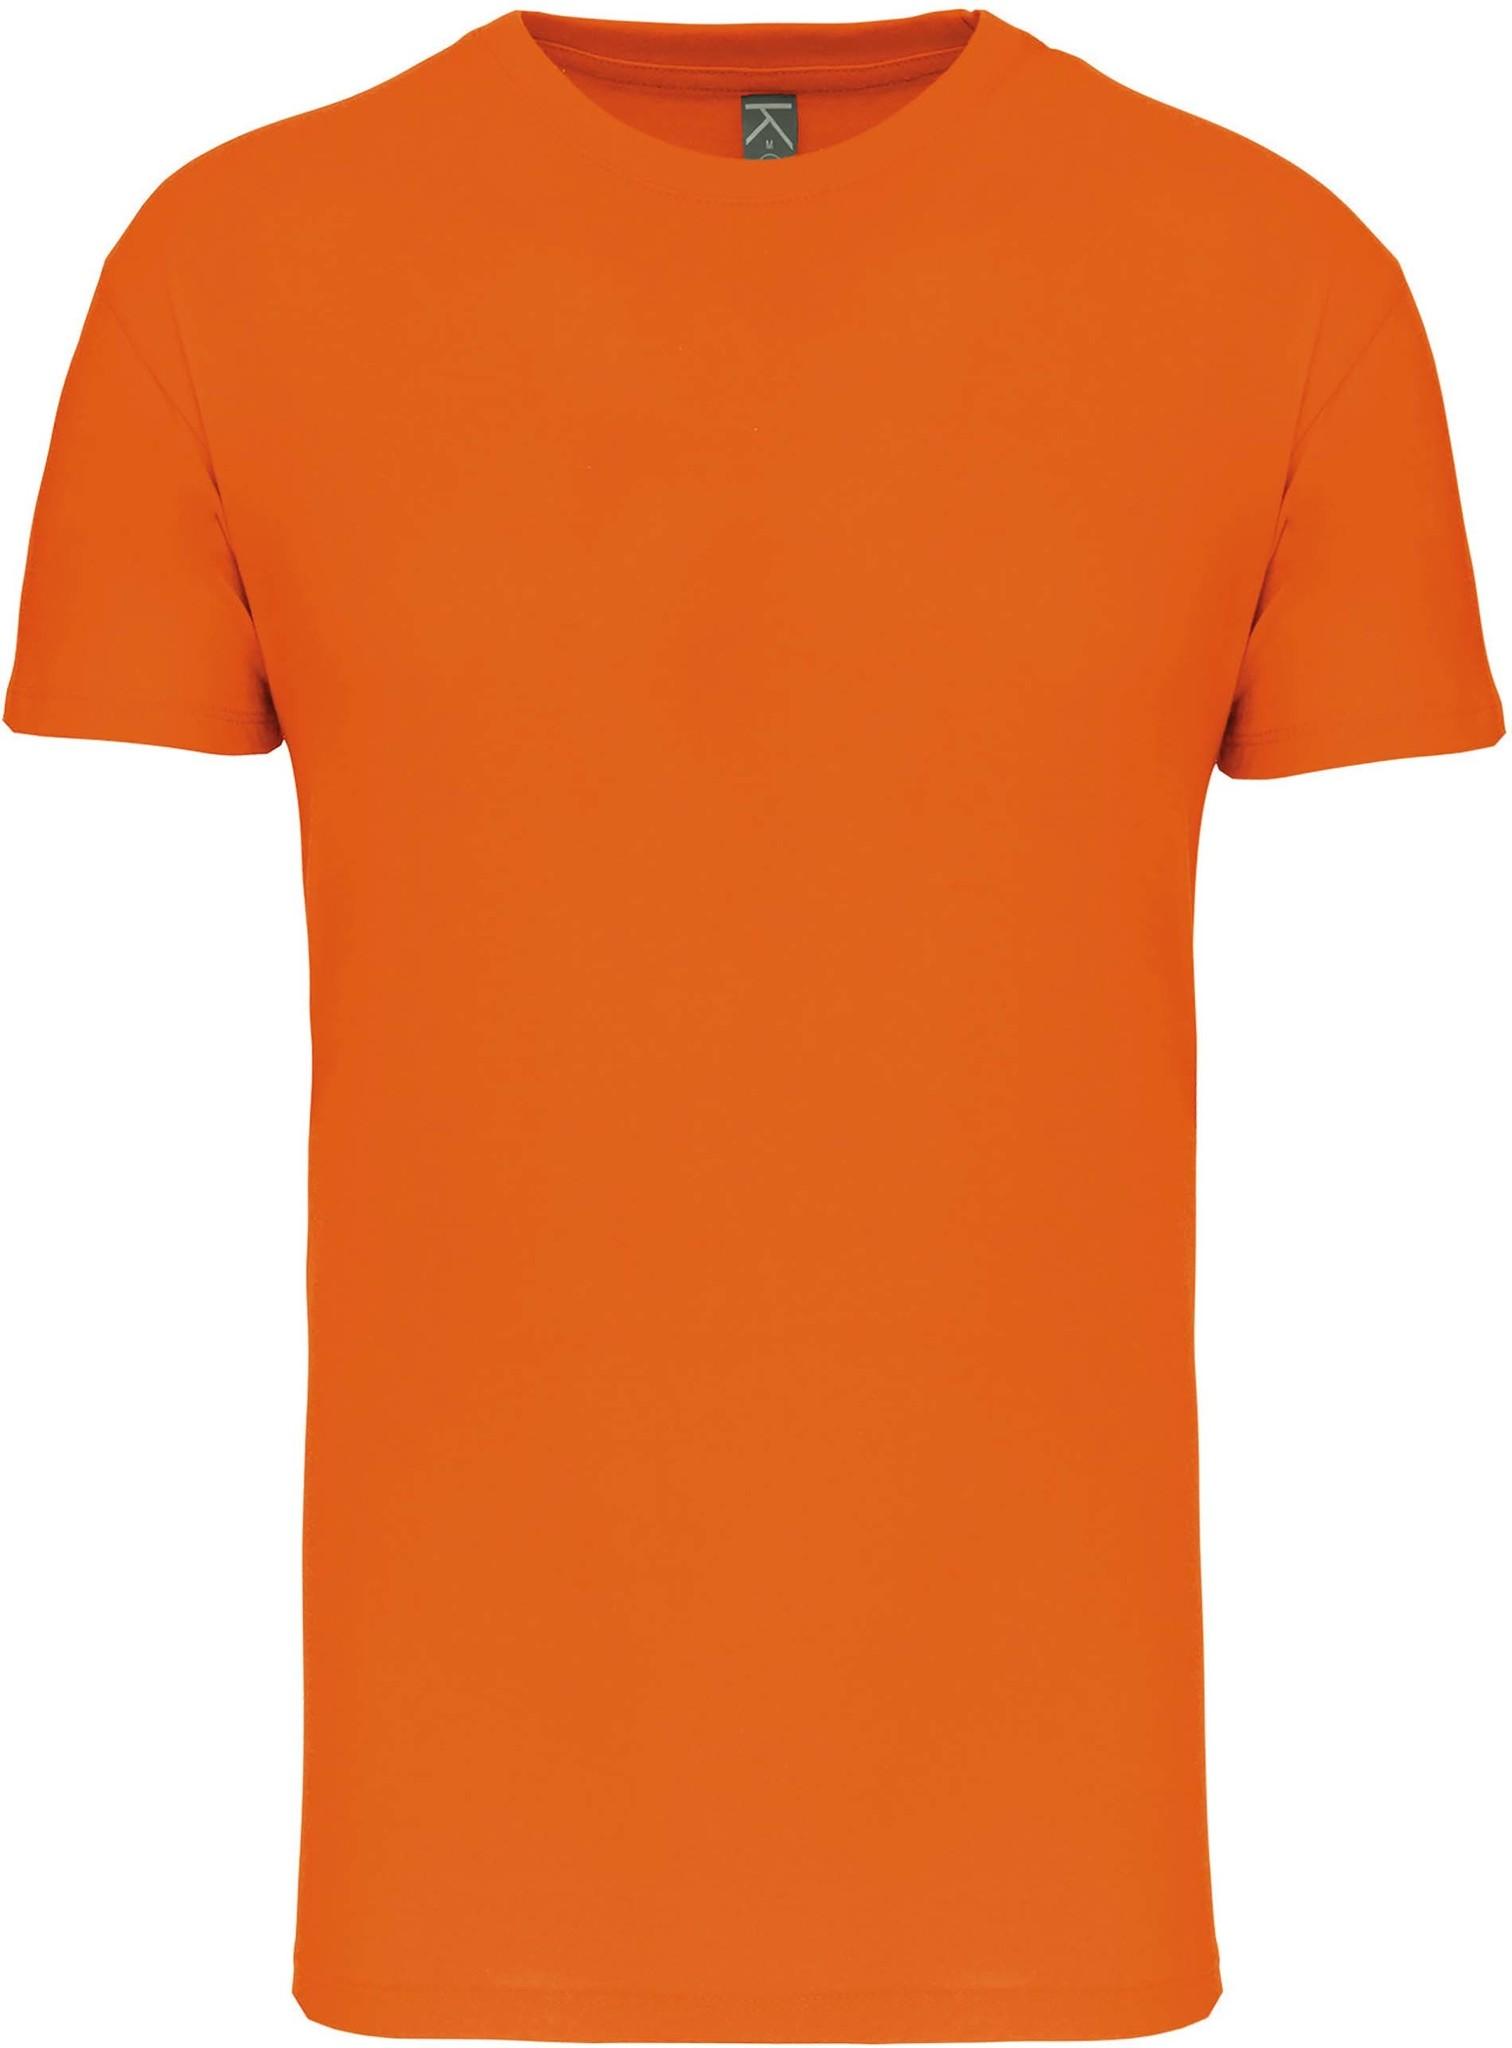 Eco-Friendly KIDS T-shirt - Oranje